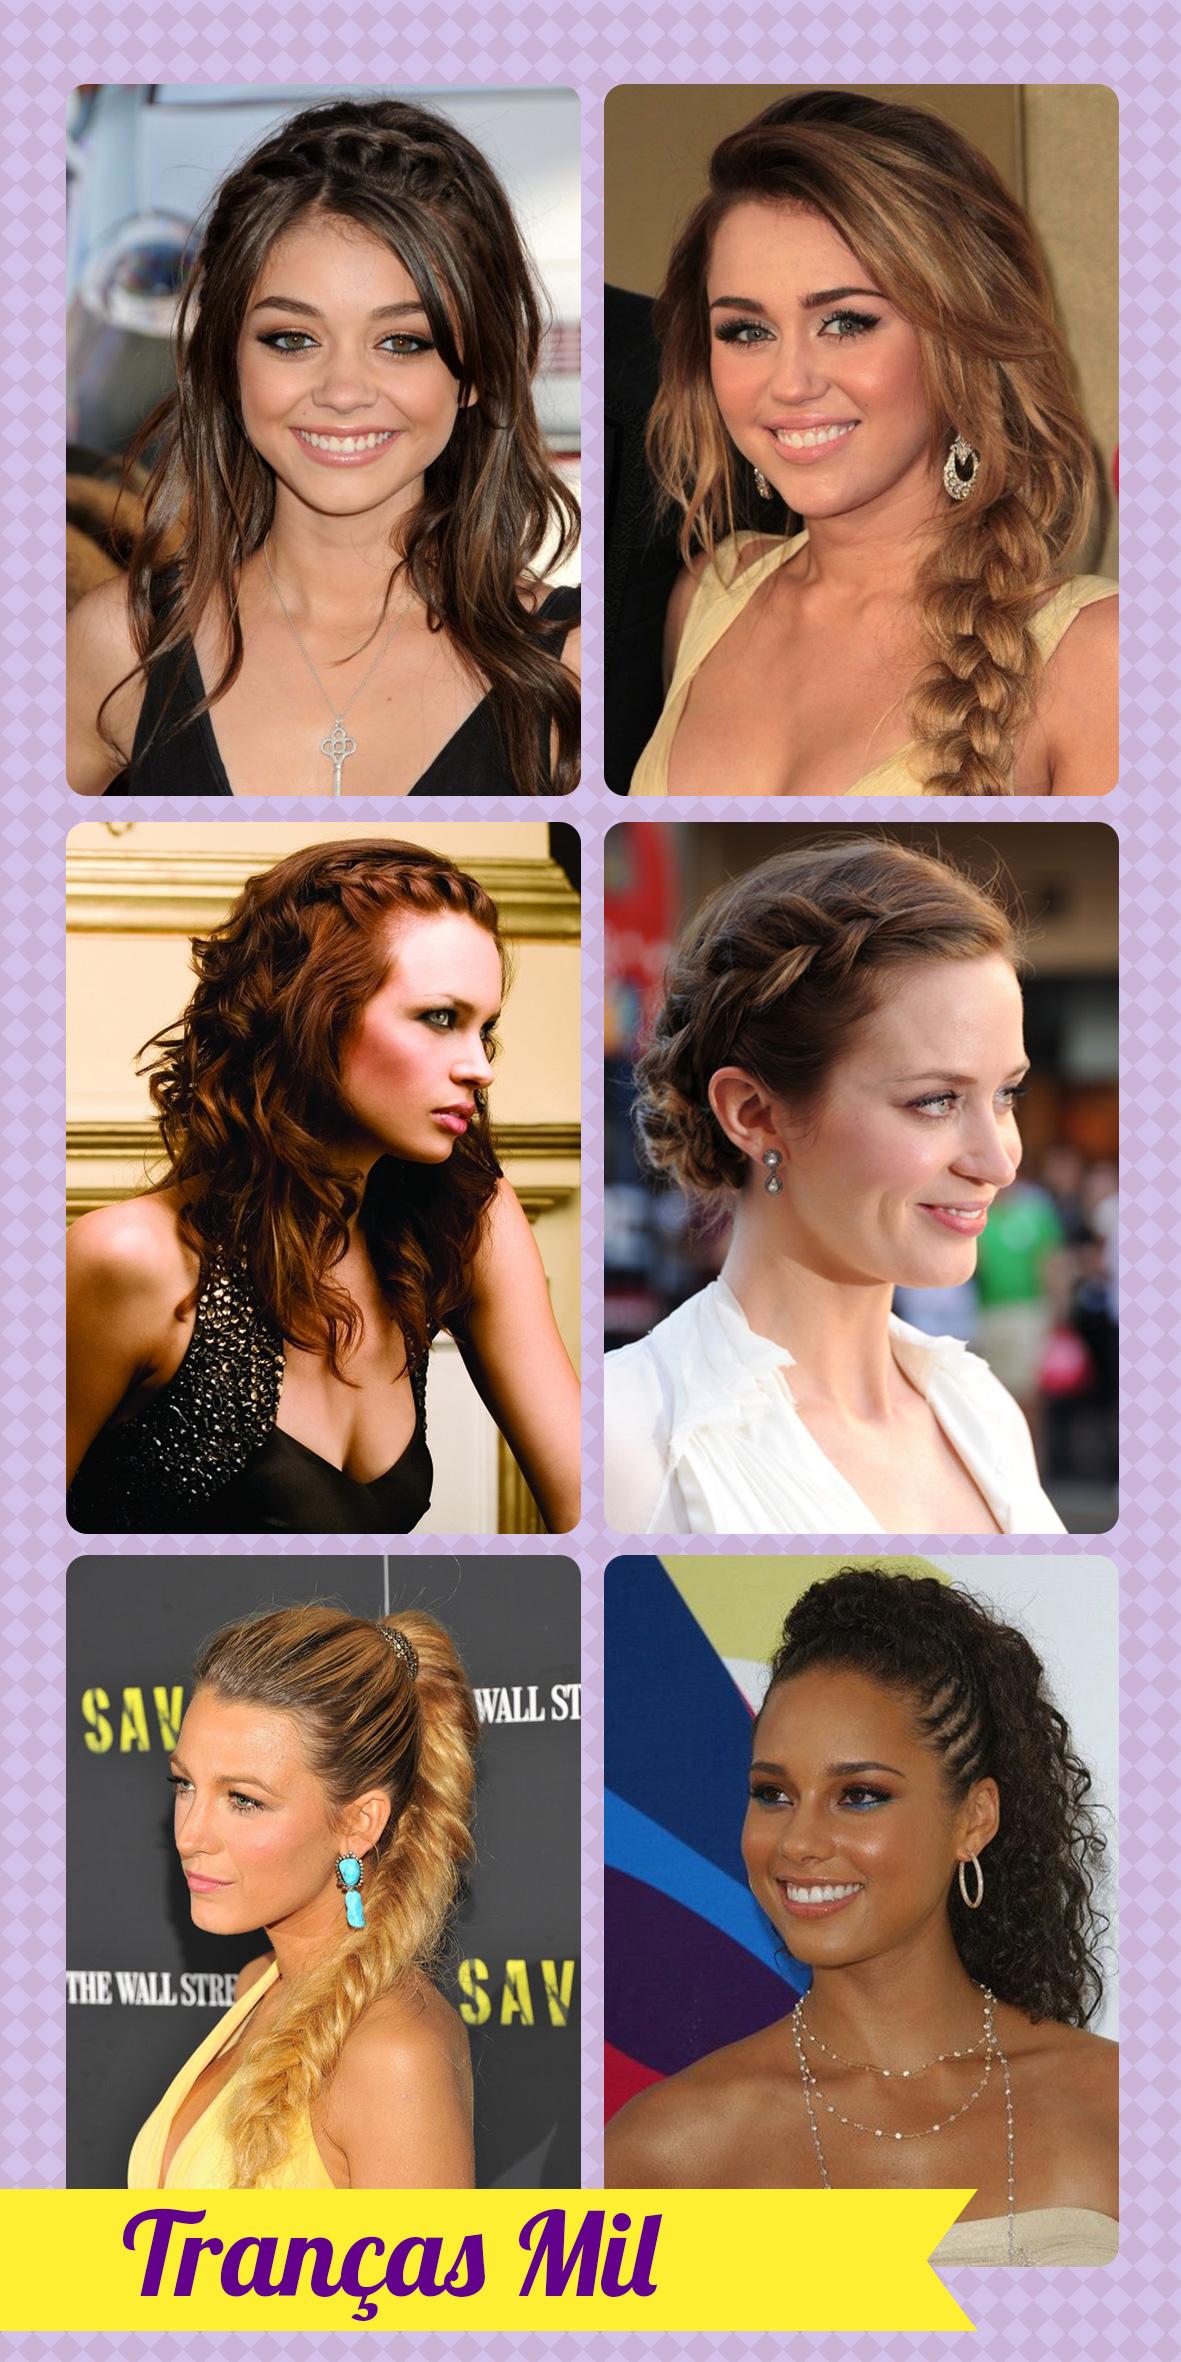 penteados-tranca-variados